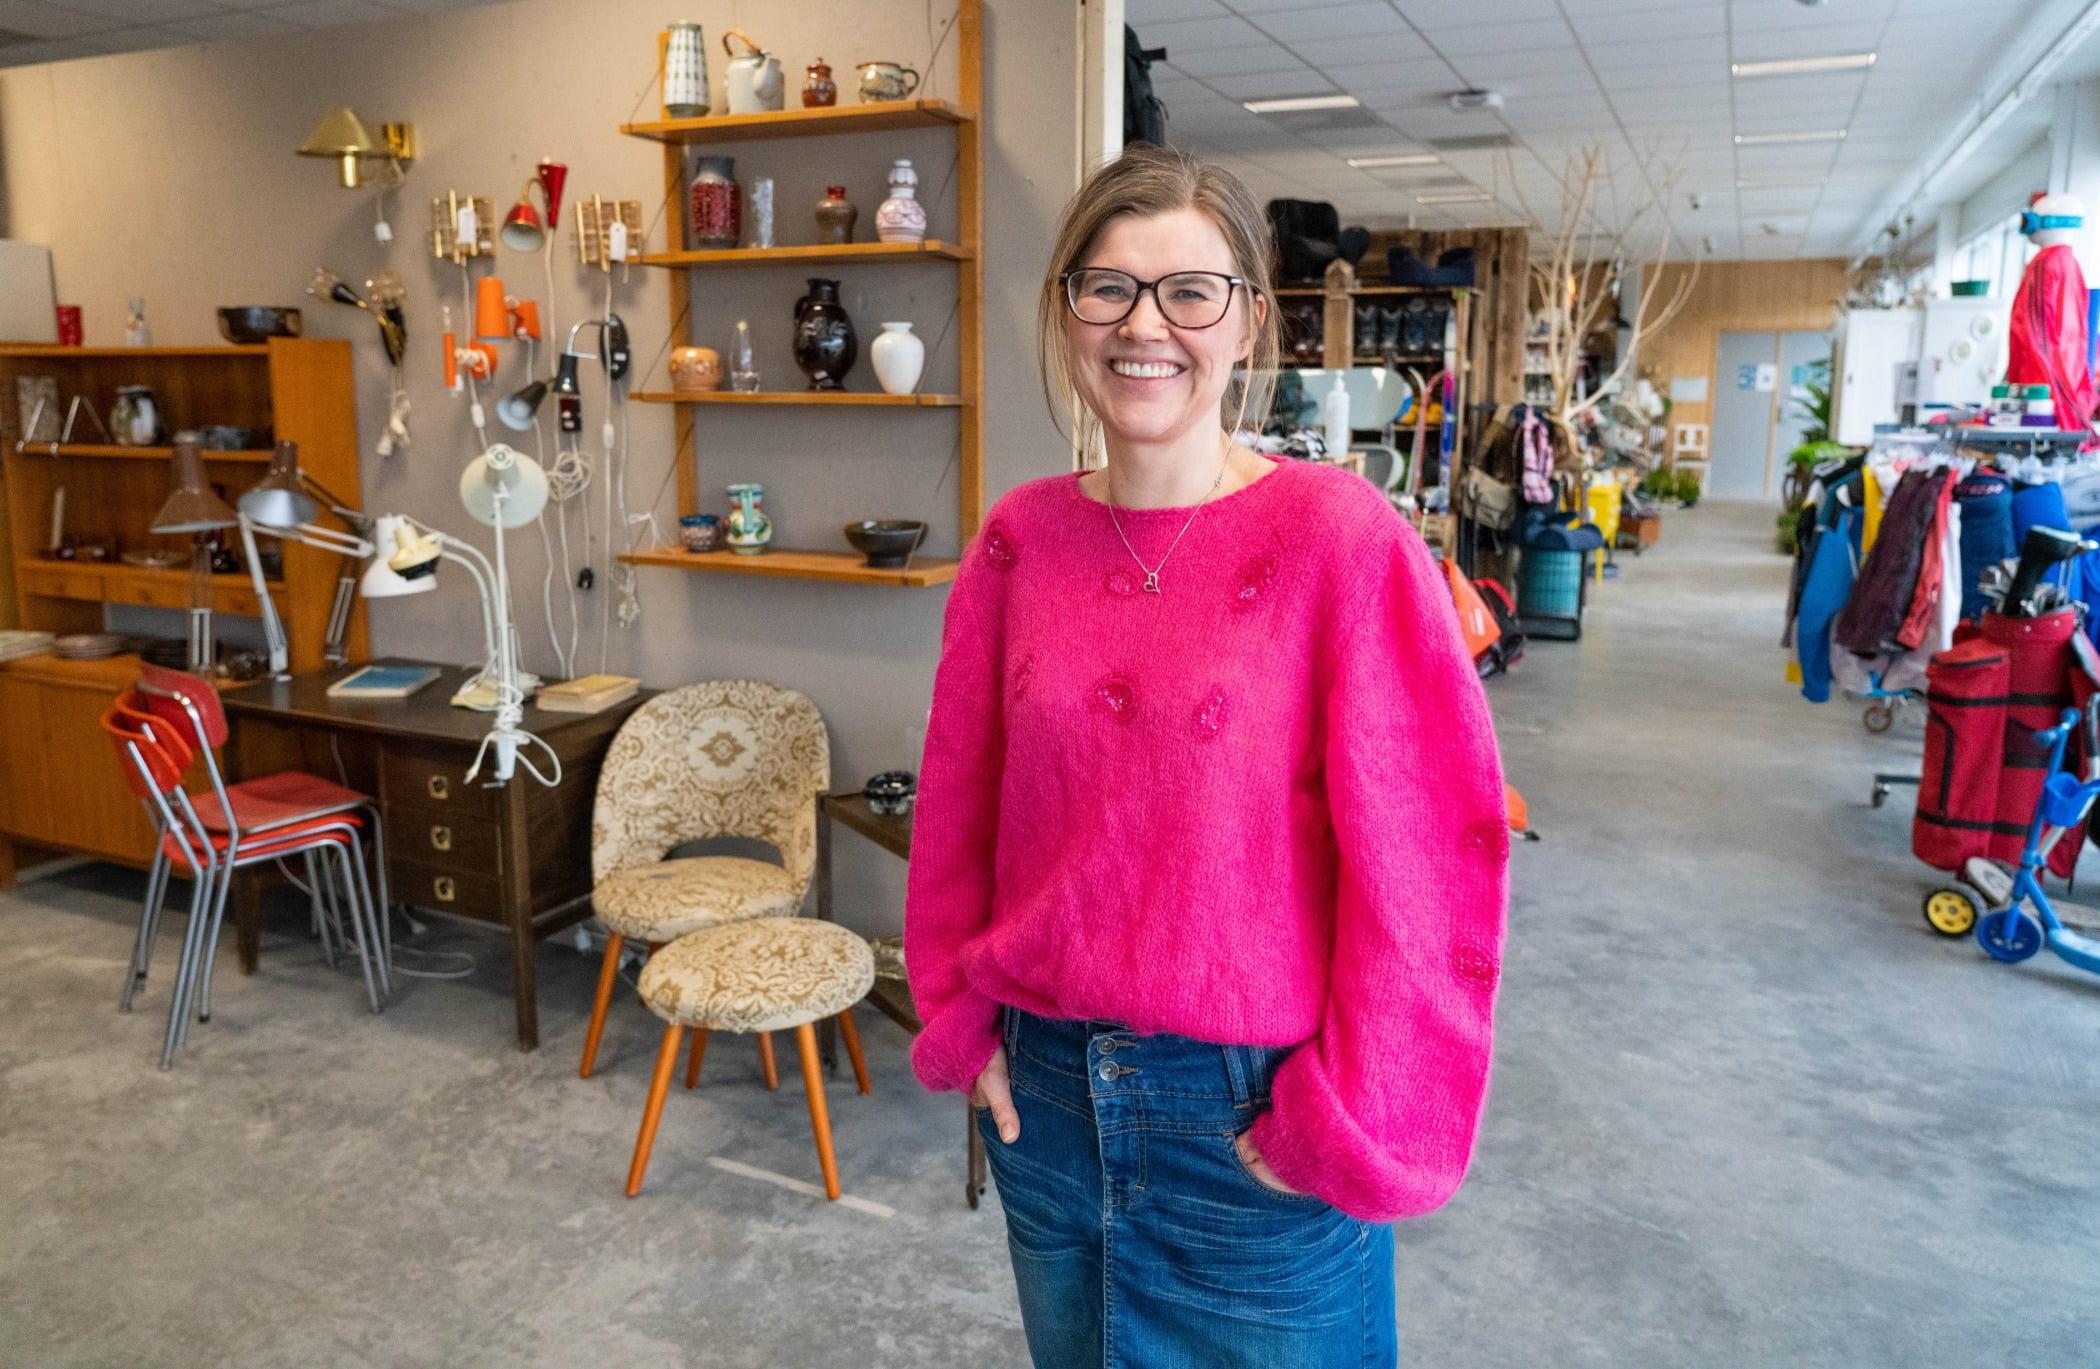 Street fashion, Smile, Standing, Shelf, Eyewear, Customer